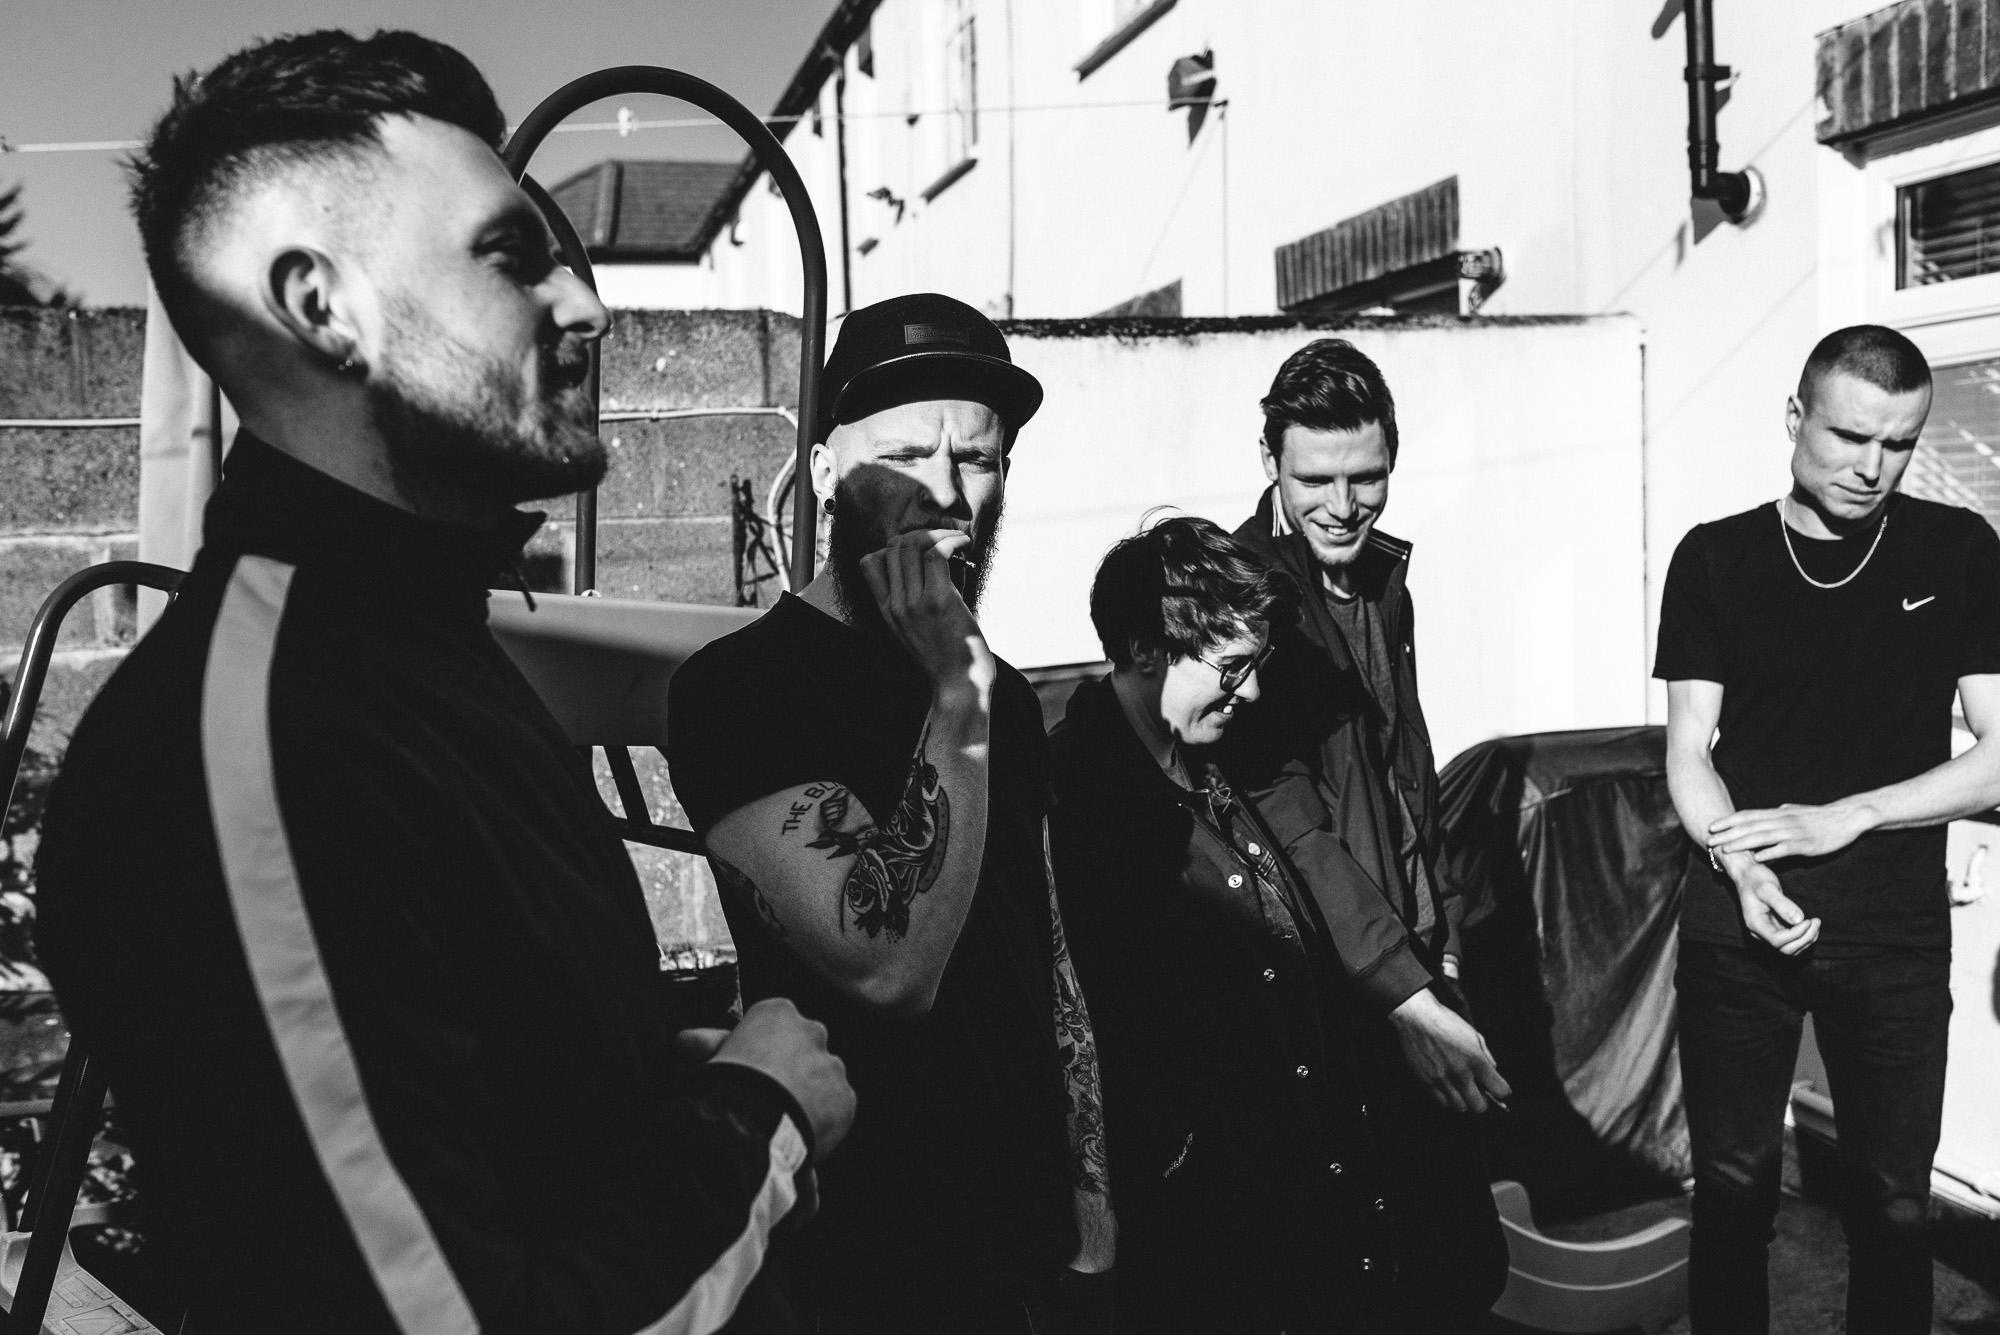 Burnt Out - Dublin - Music Photography_-24.JPG